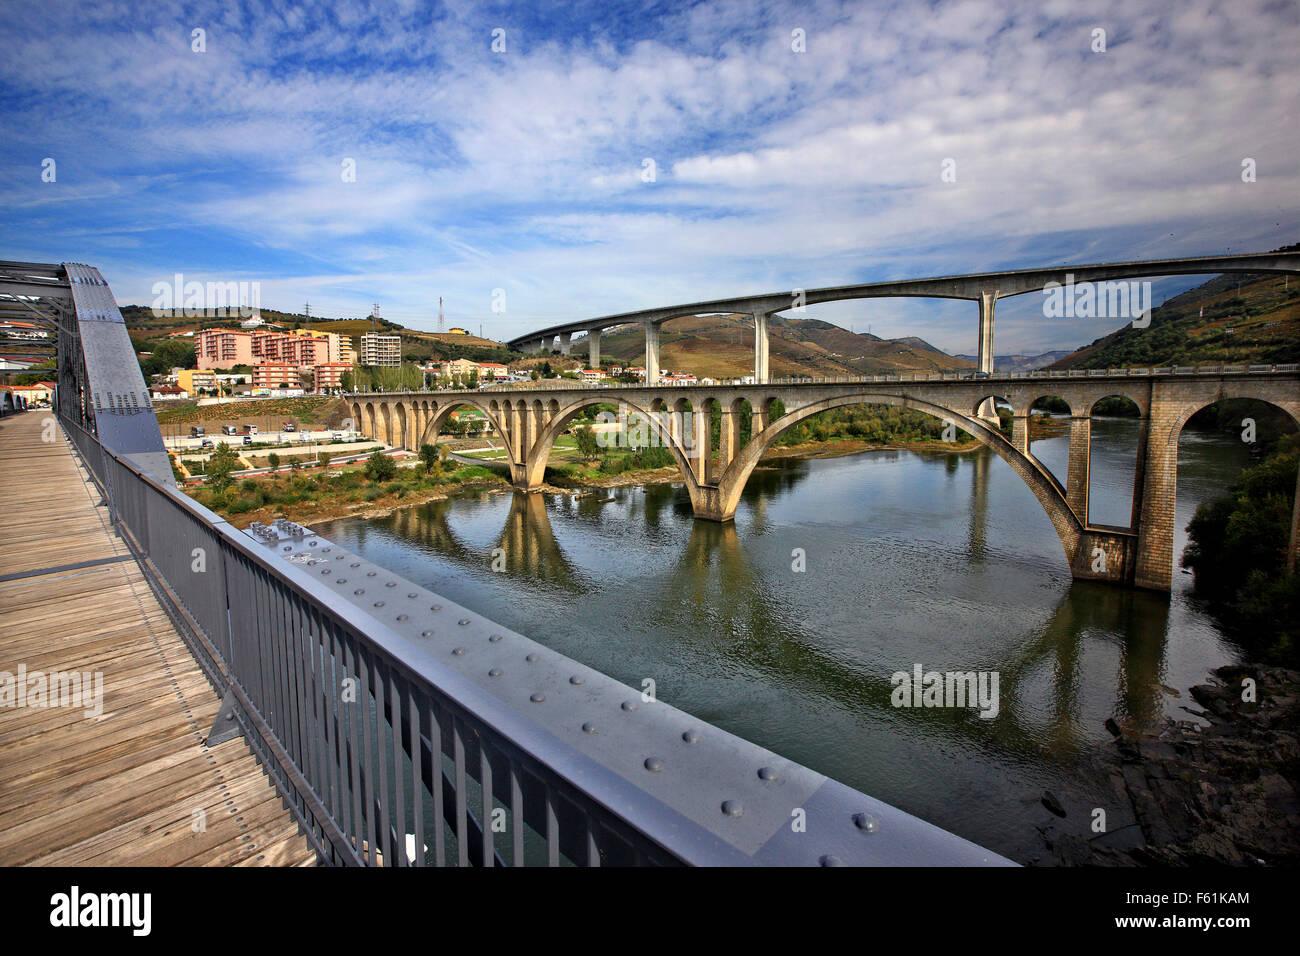 Bridges crossing Douro river at Peso da Regua town, Porto e Norte Portugal. Alto Douro Wine Region (UNESCO World - Stock Image